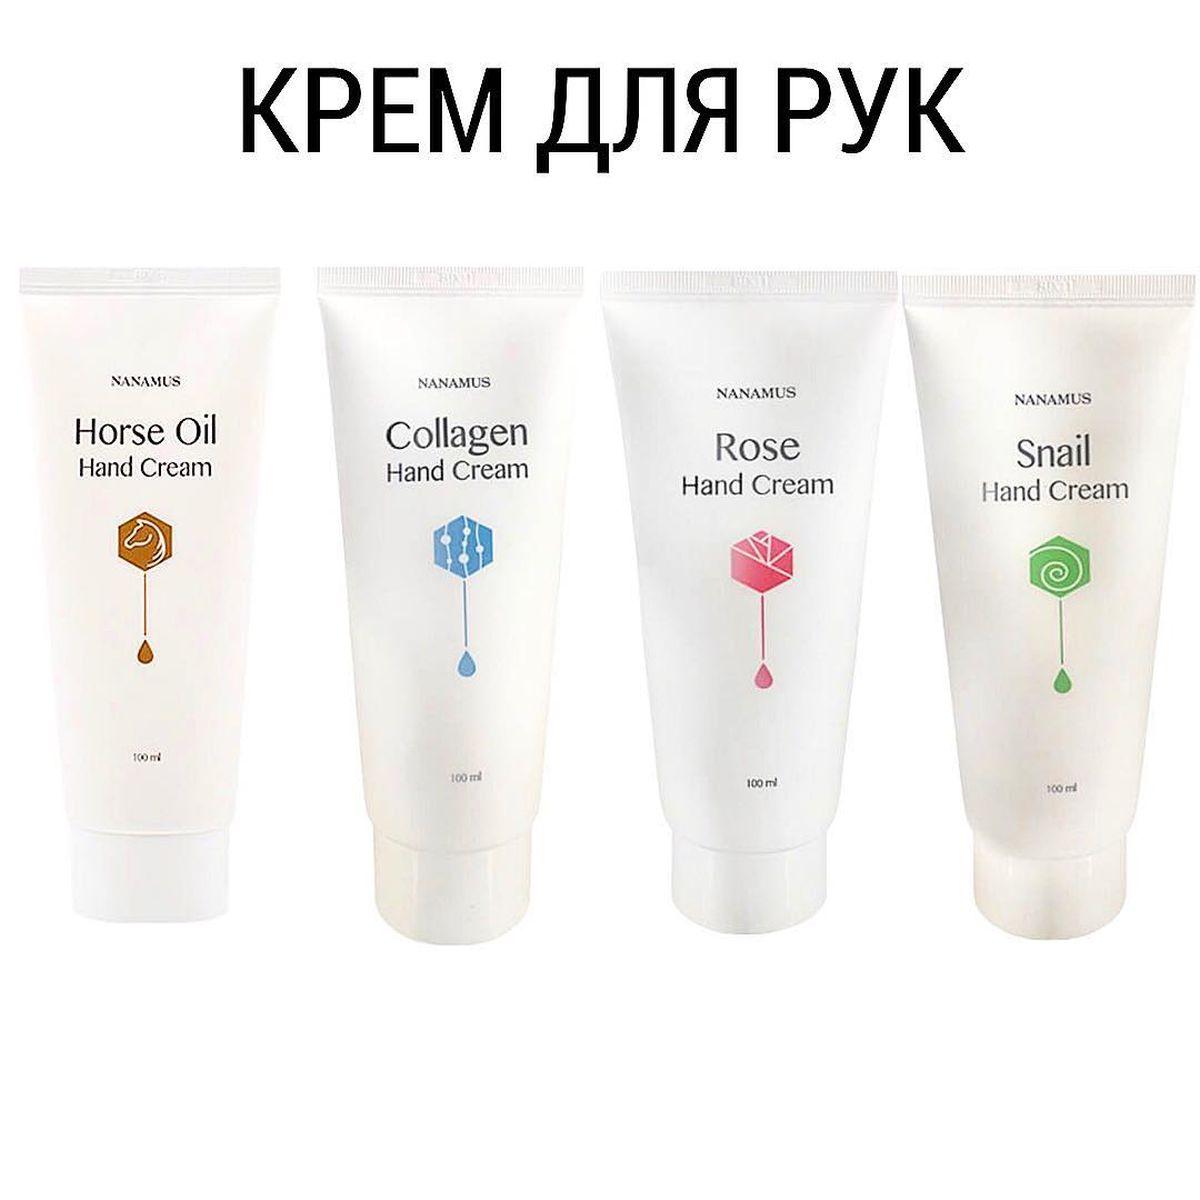 Крем для рук NANAMUS Hand Cream - 100 мл